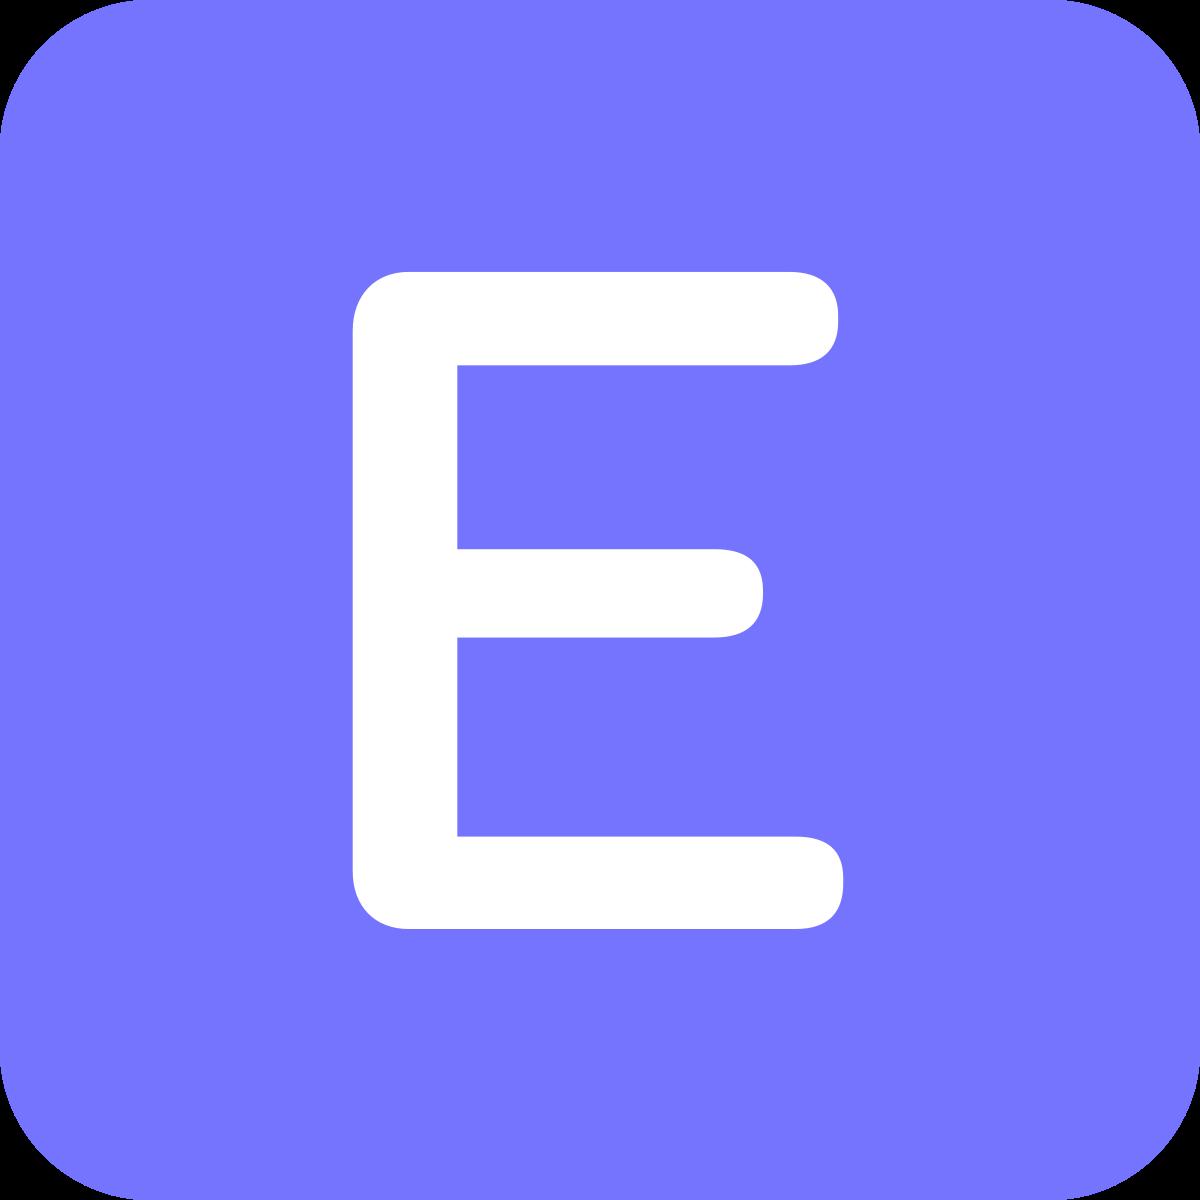 Erpnext Technographics